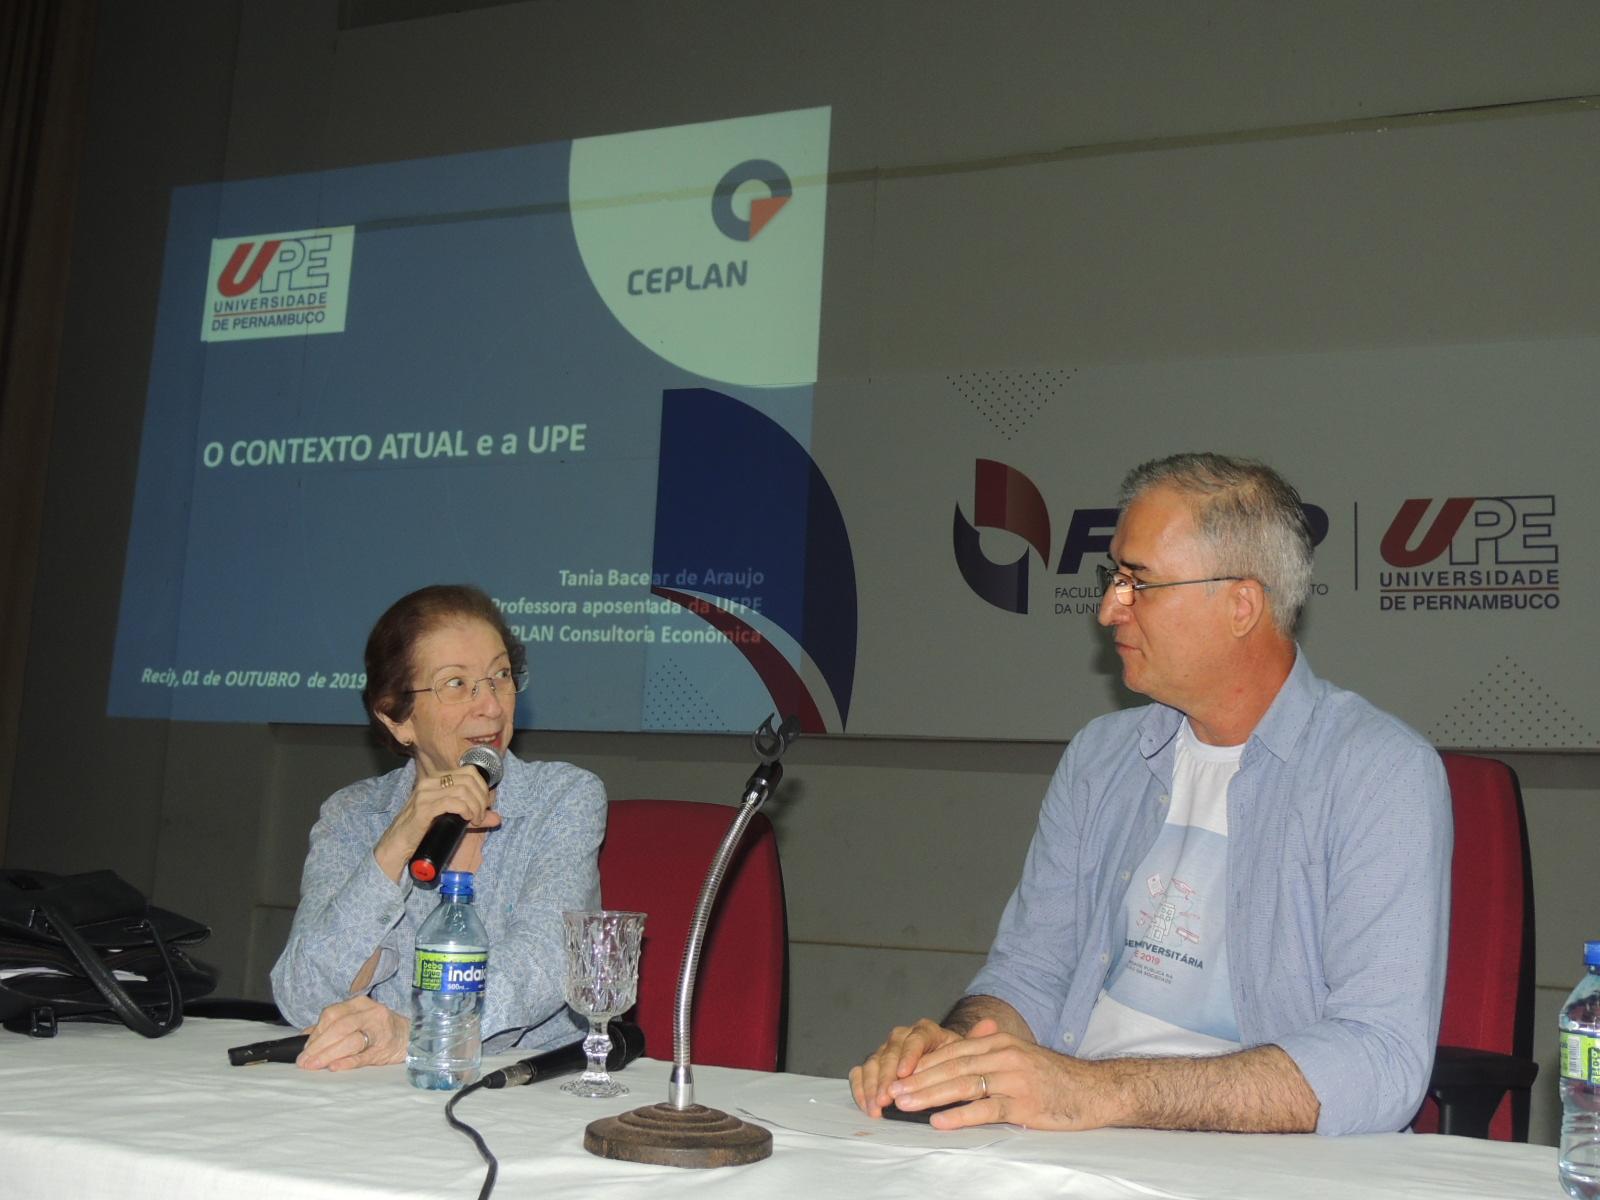 Semana Universitária 2019 - Solenidade de Abertura com a Economista Tânia Bacelar